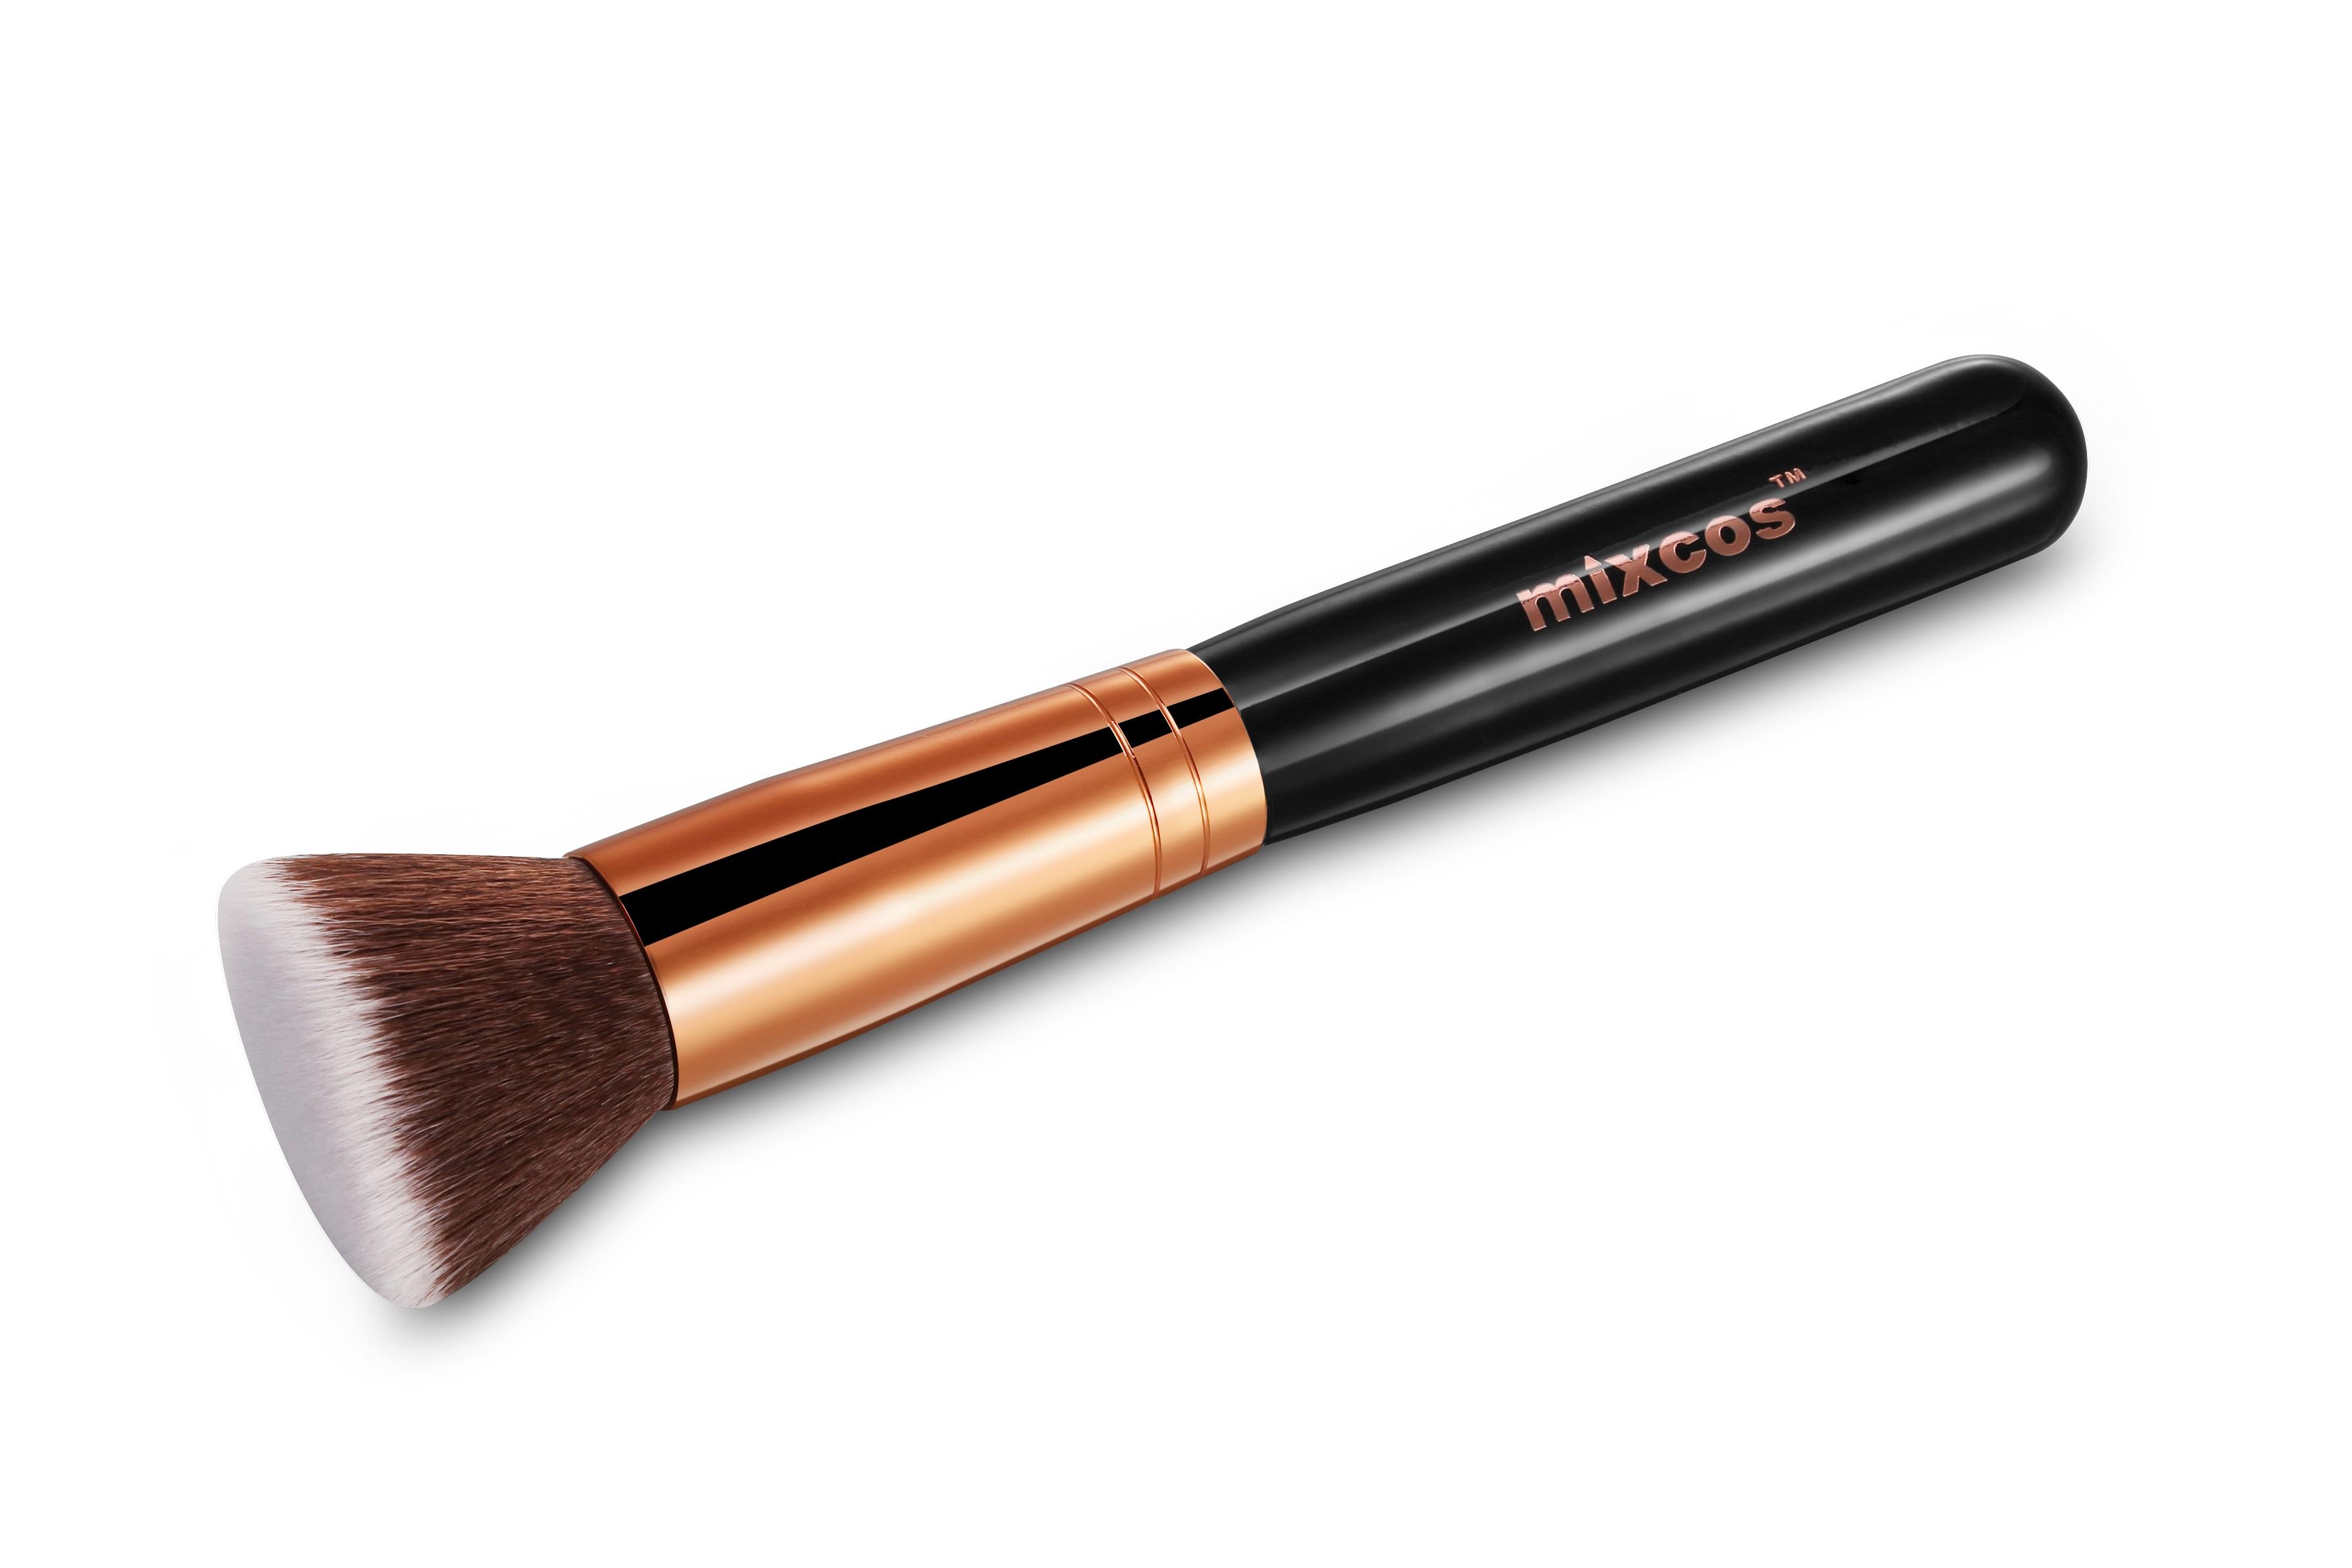 Free stock photo of brush, makeup, makeup pen